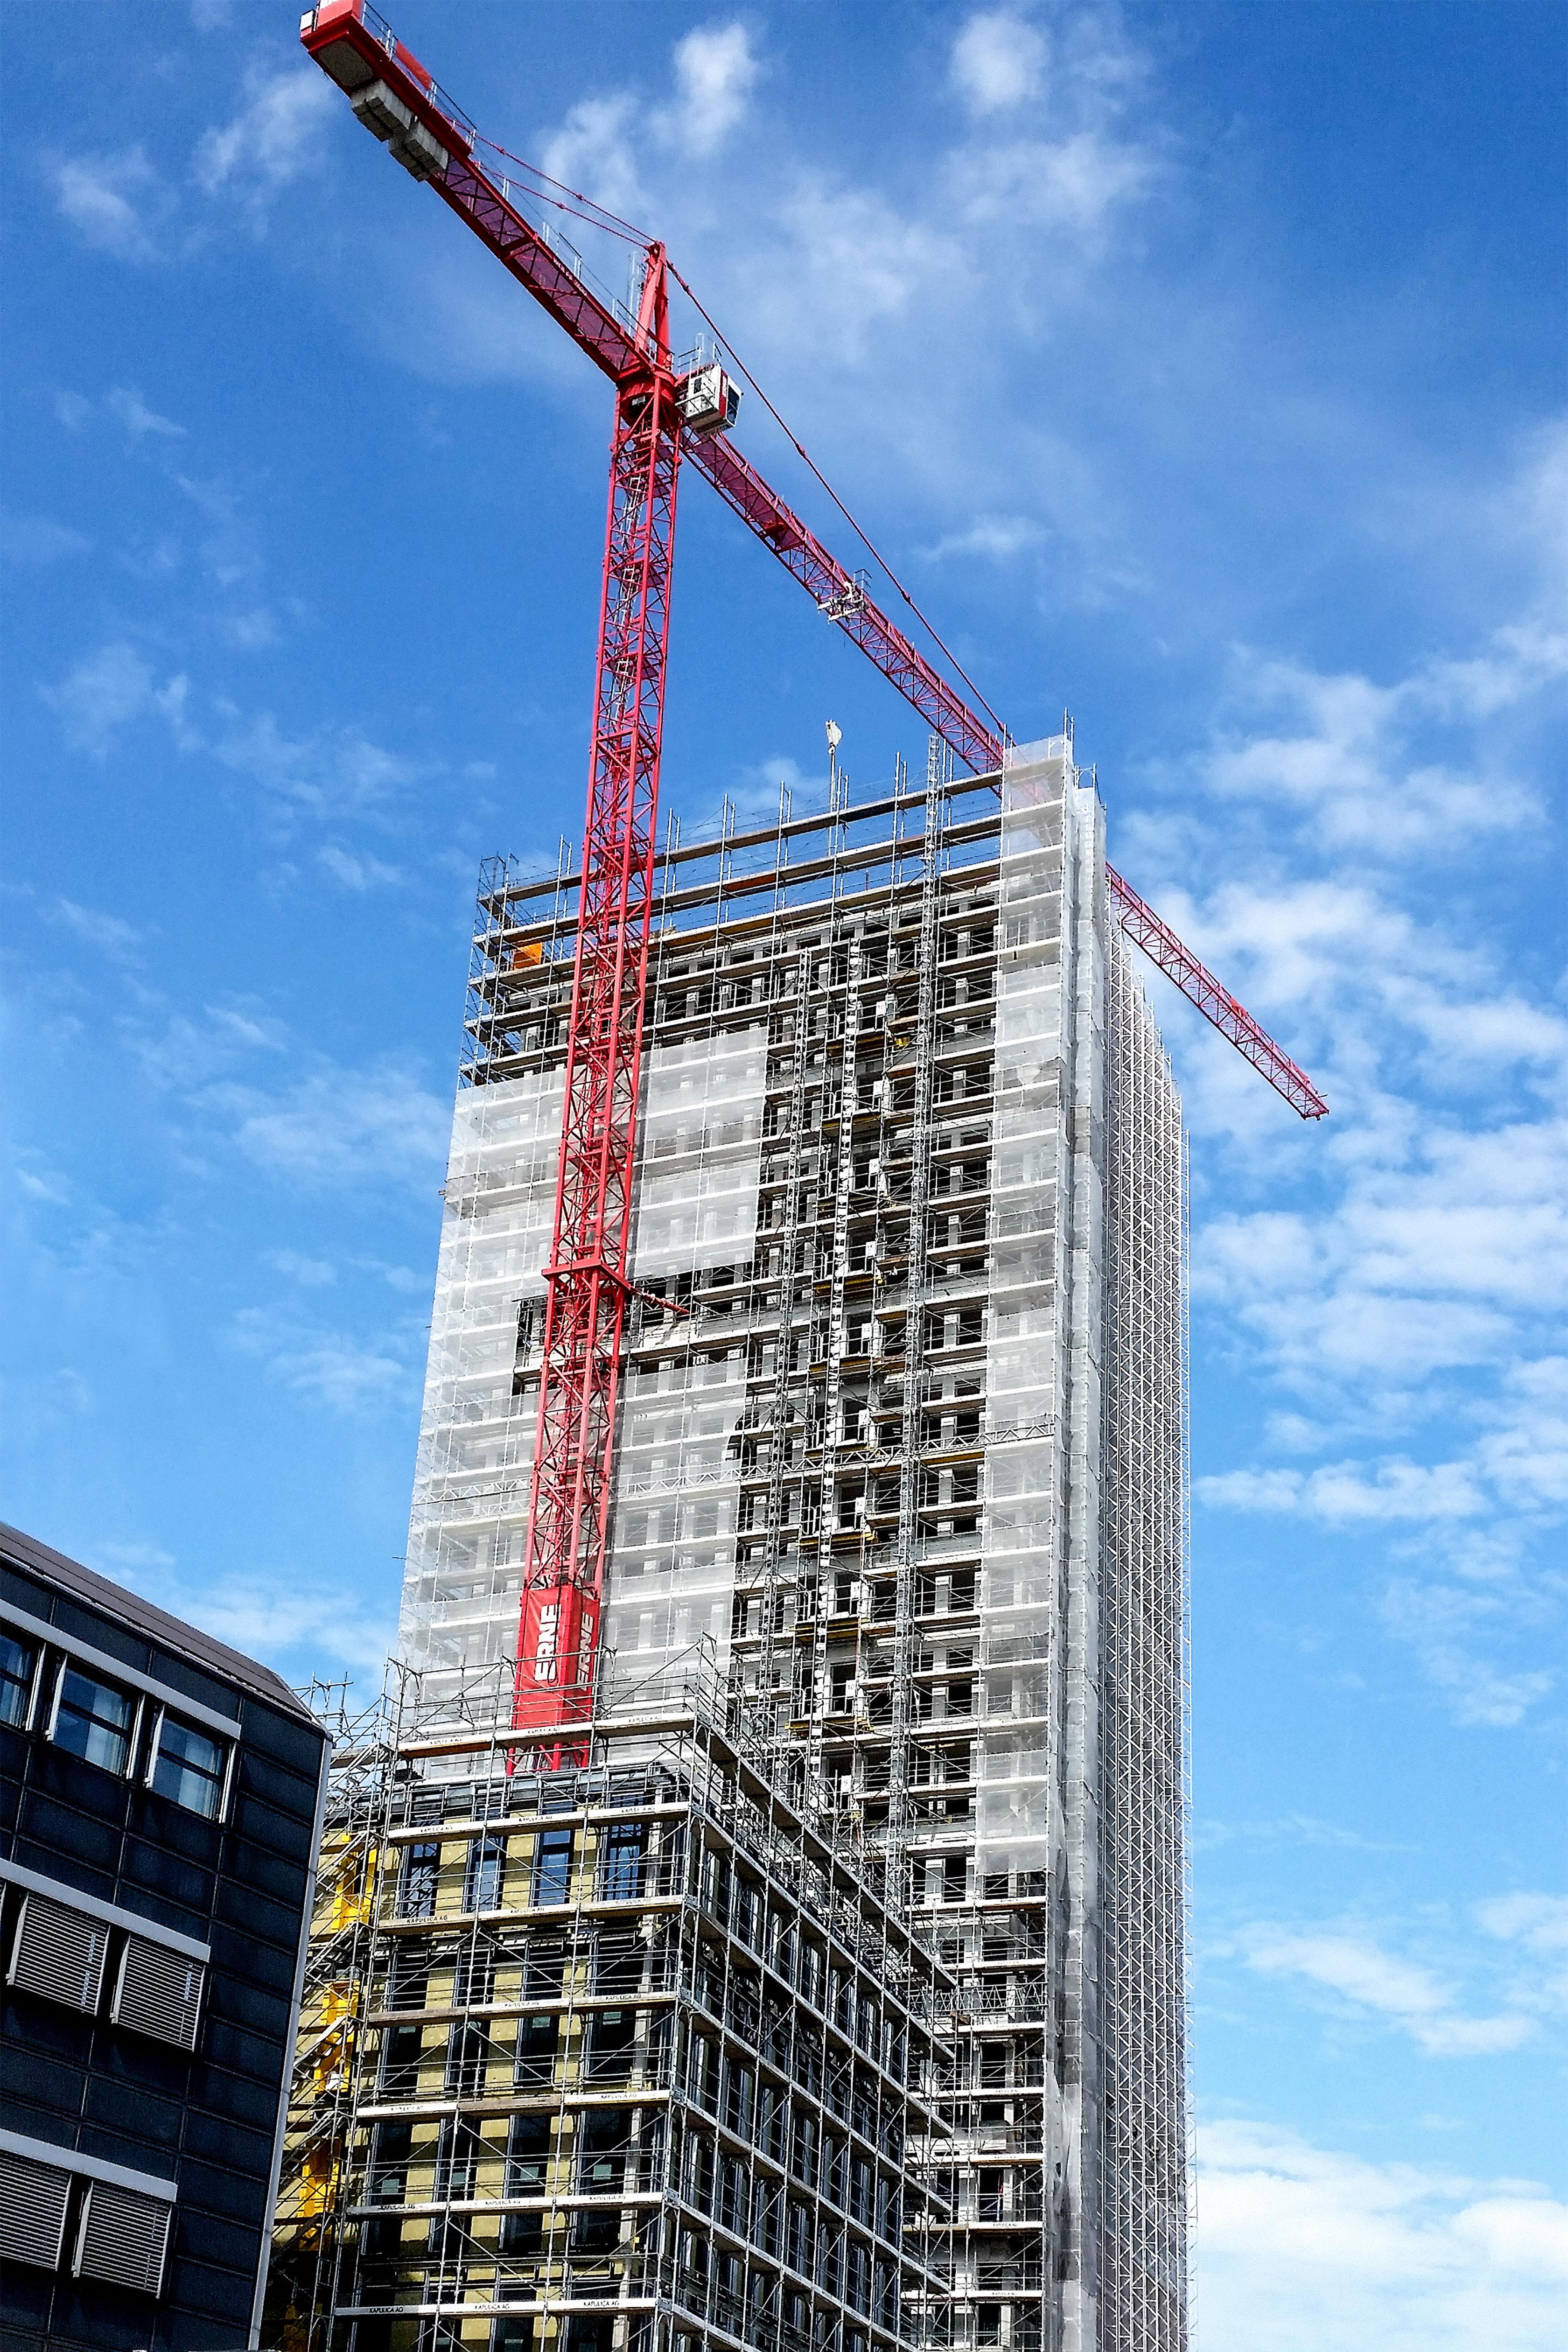 Hochbau Baustelle, Grosspeter Tower, Hochhaus